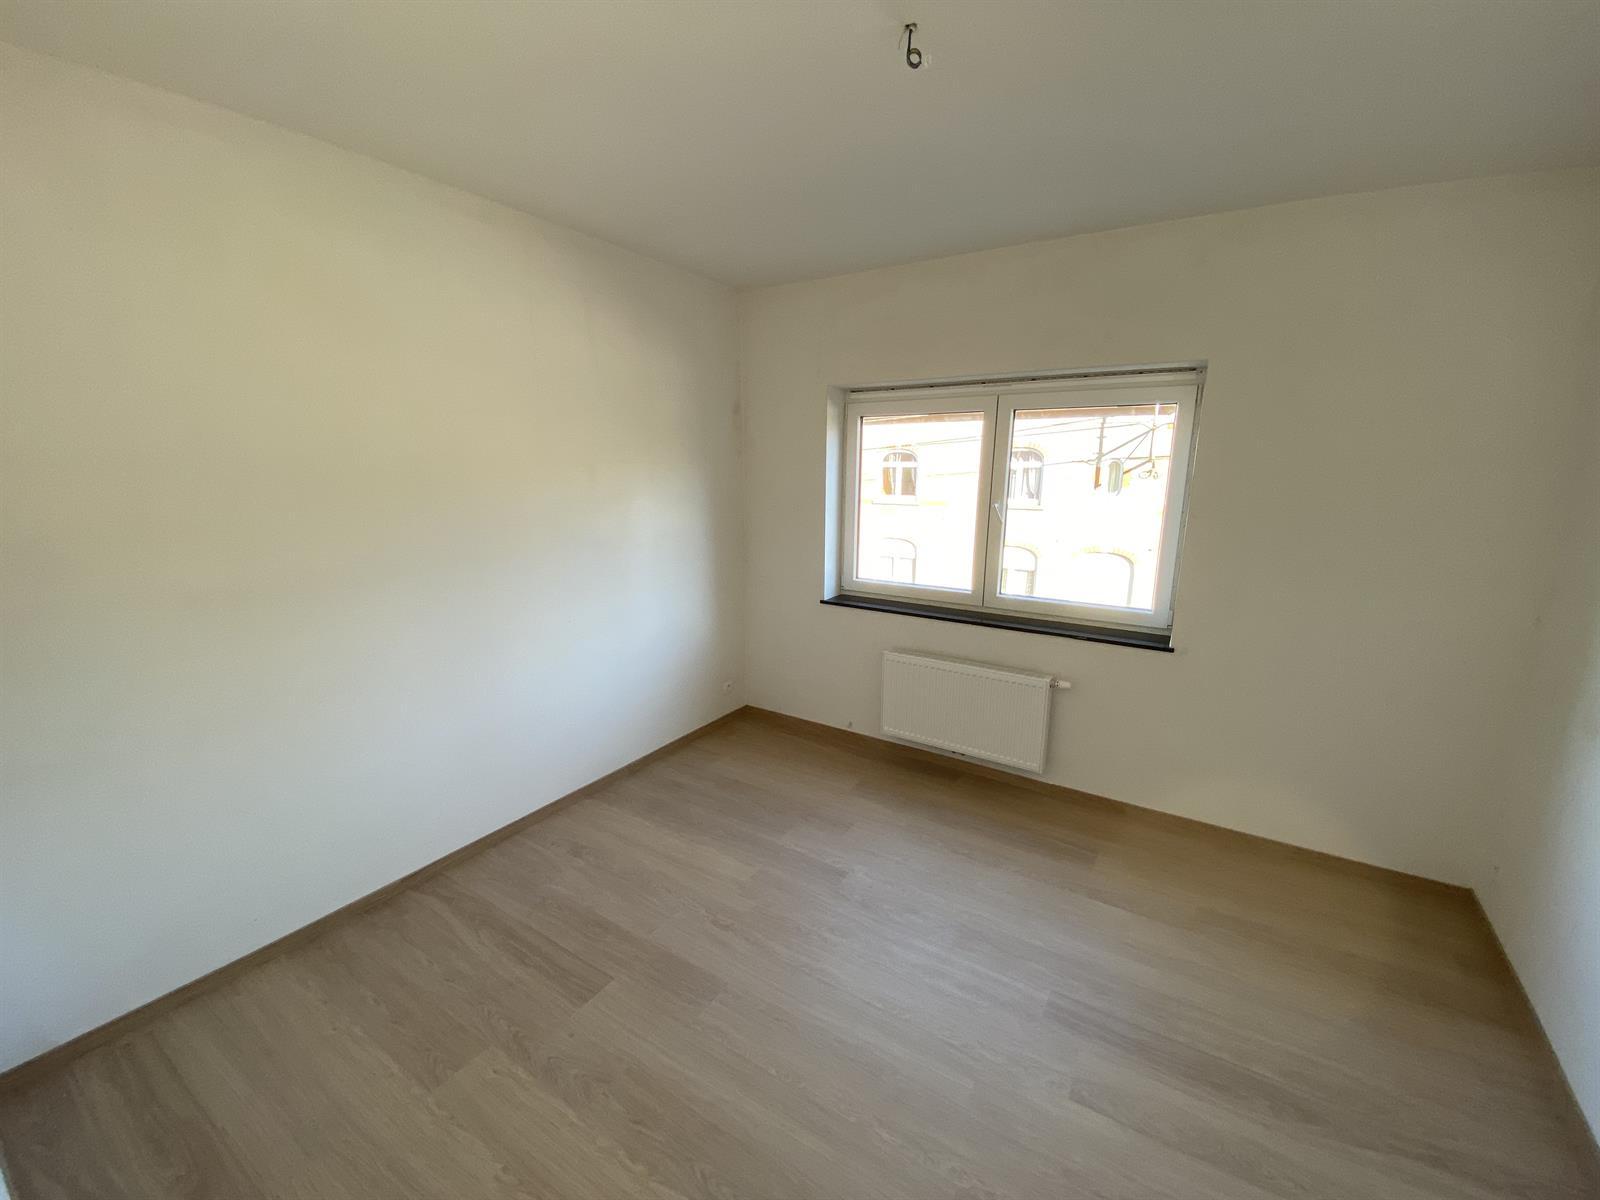 Maison - Waremme - #4105451-26